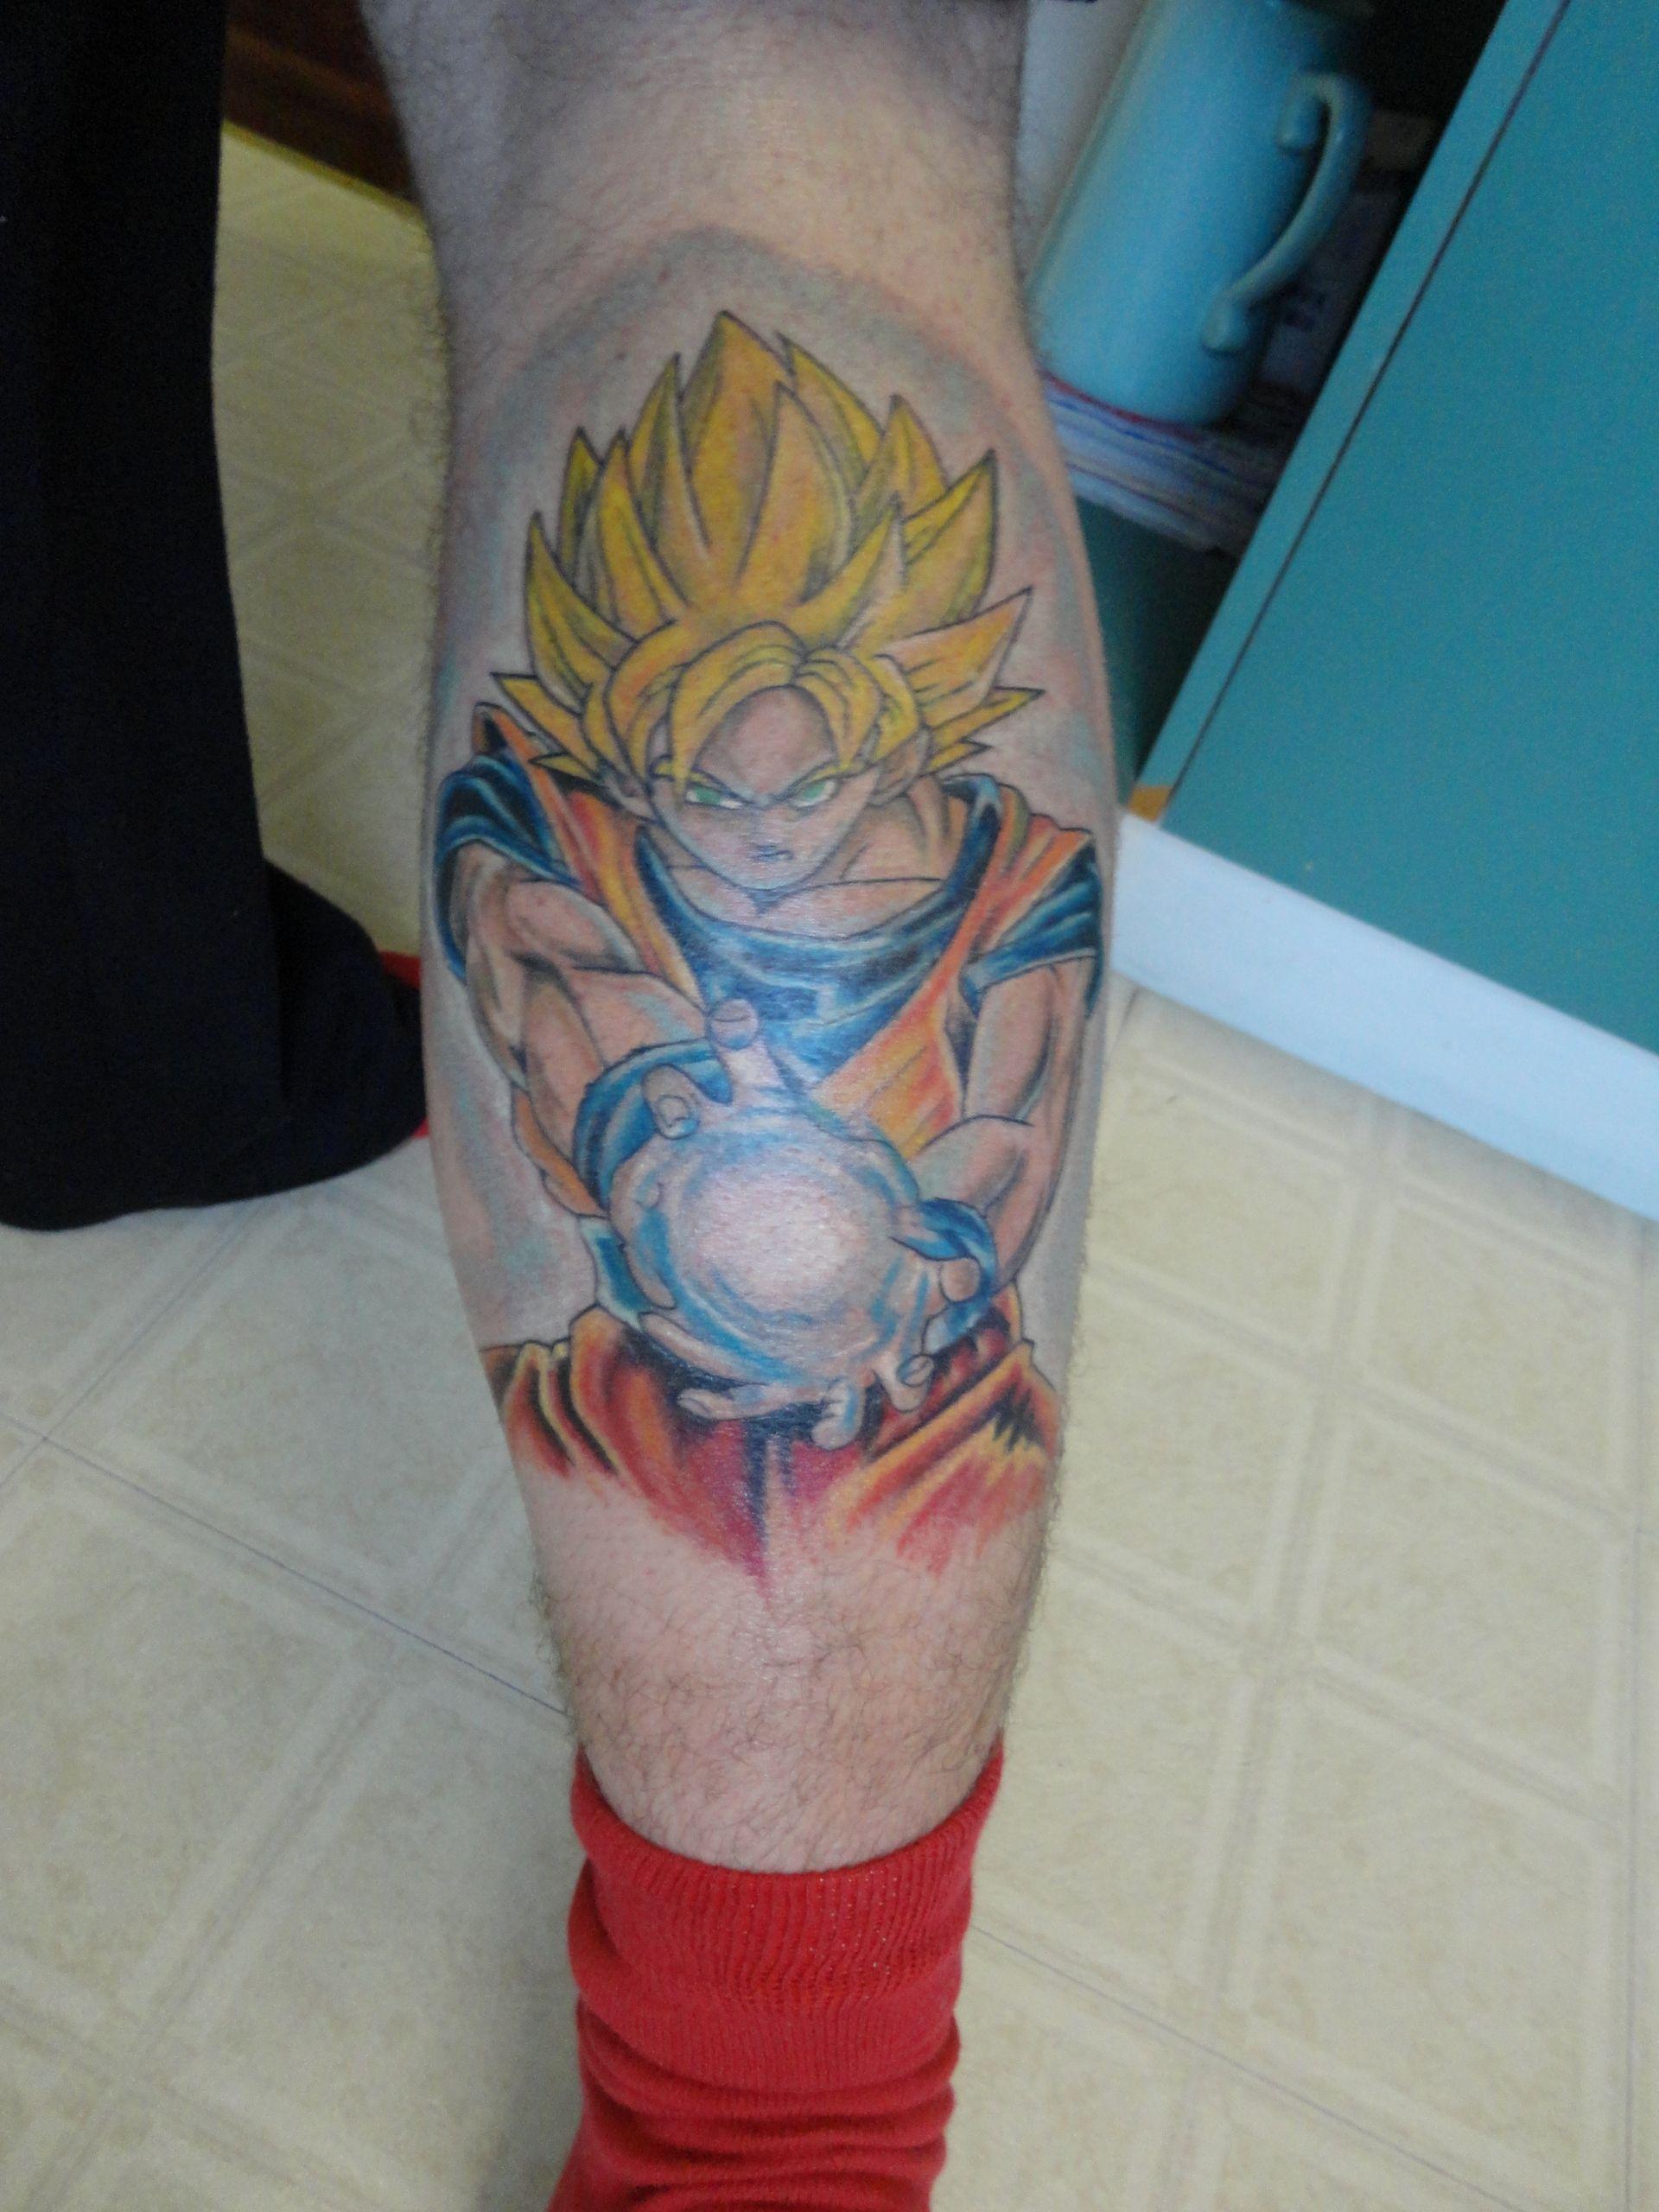 Dragon Ball Z Photo My Leg Tattoo Z Tattoo Dragon Ball Tattoo Dragon Ball Image